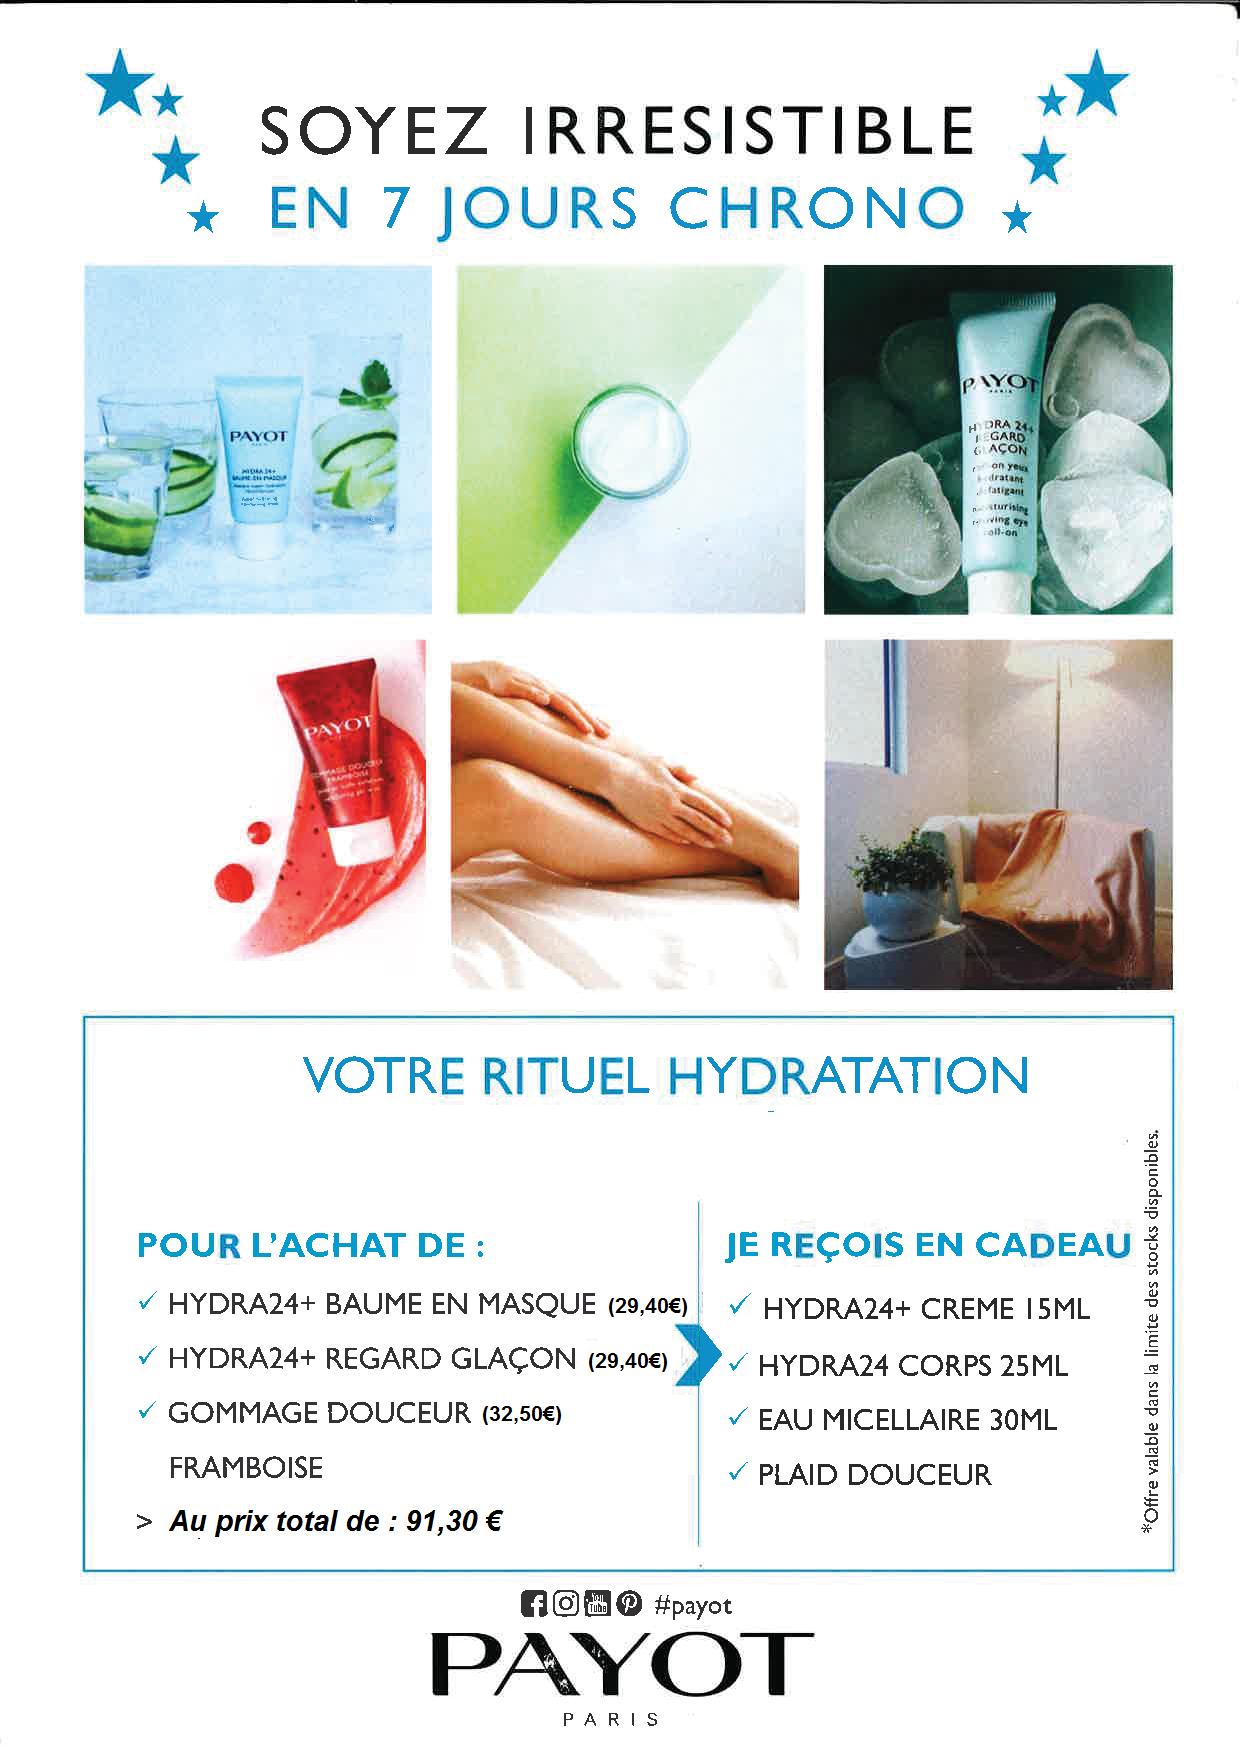 Rituel Hydratation 171231